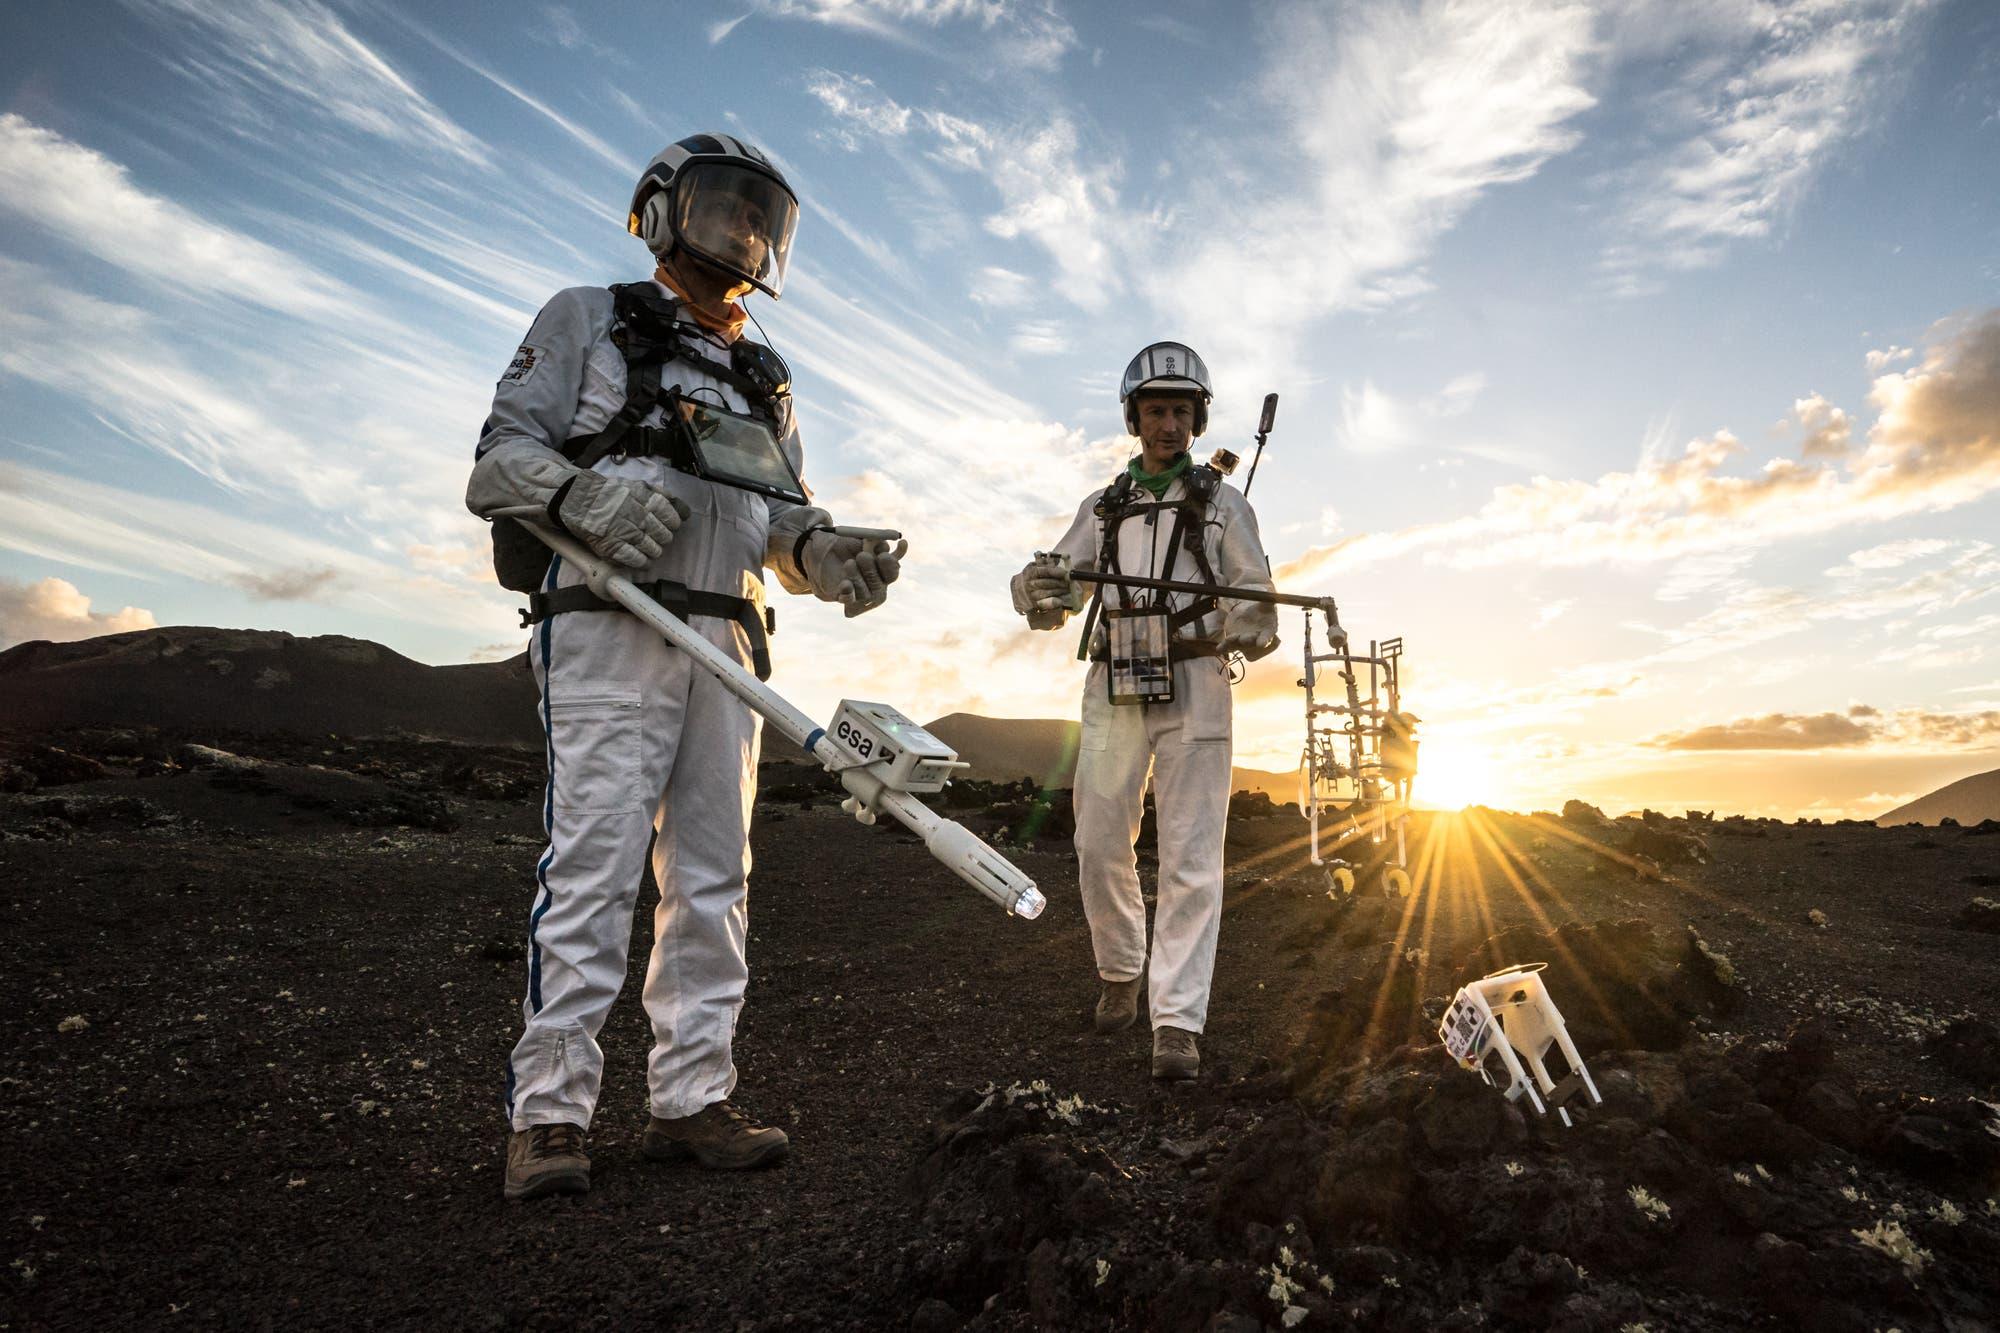 Zum Training für den ESA-Astronauten Matthias Maurer gehörte auch ein simulierter Ausflug auf den Mond, der auf der Erde stattfand.